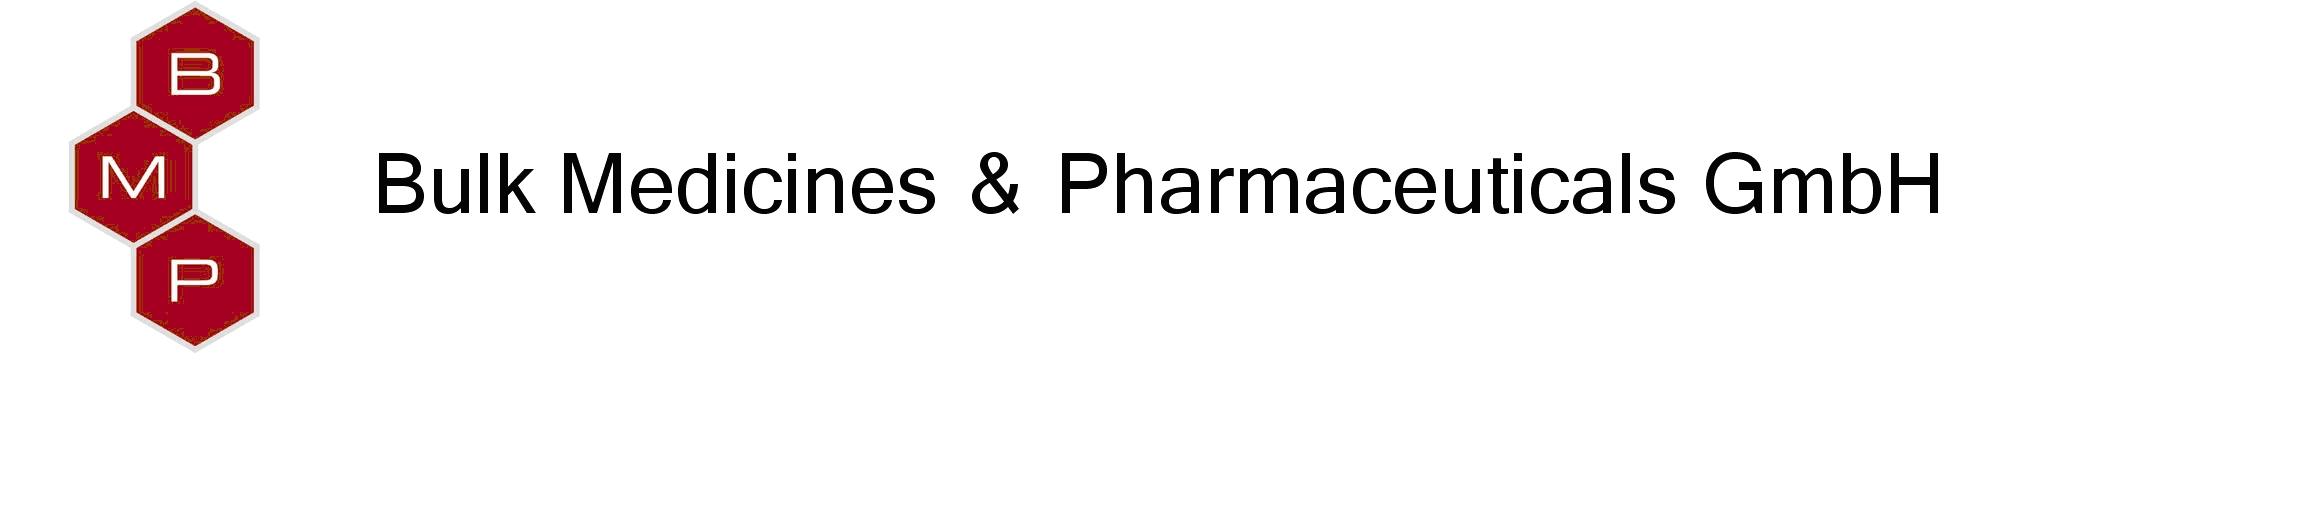 B.M.P. Pharma Trading AG